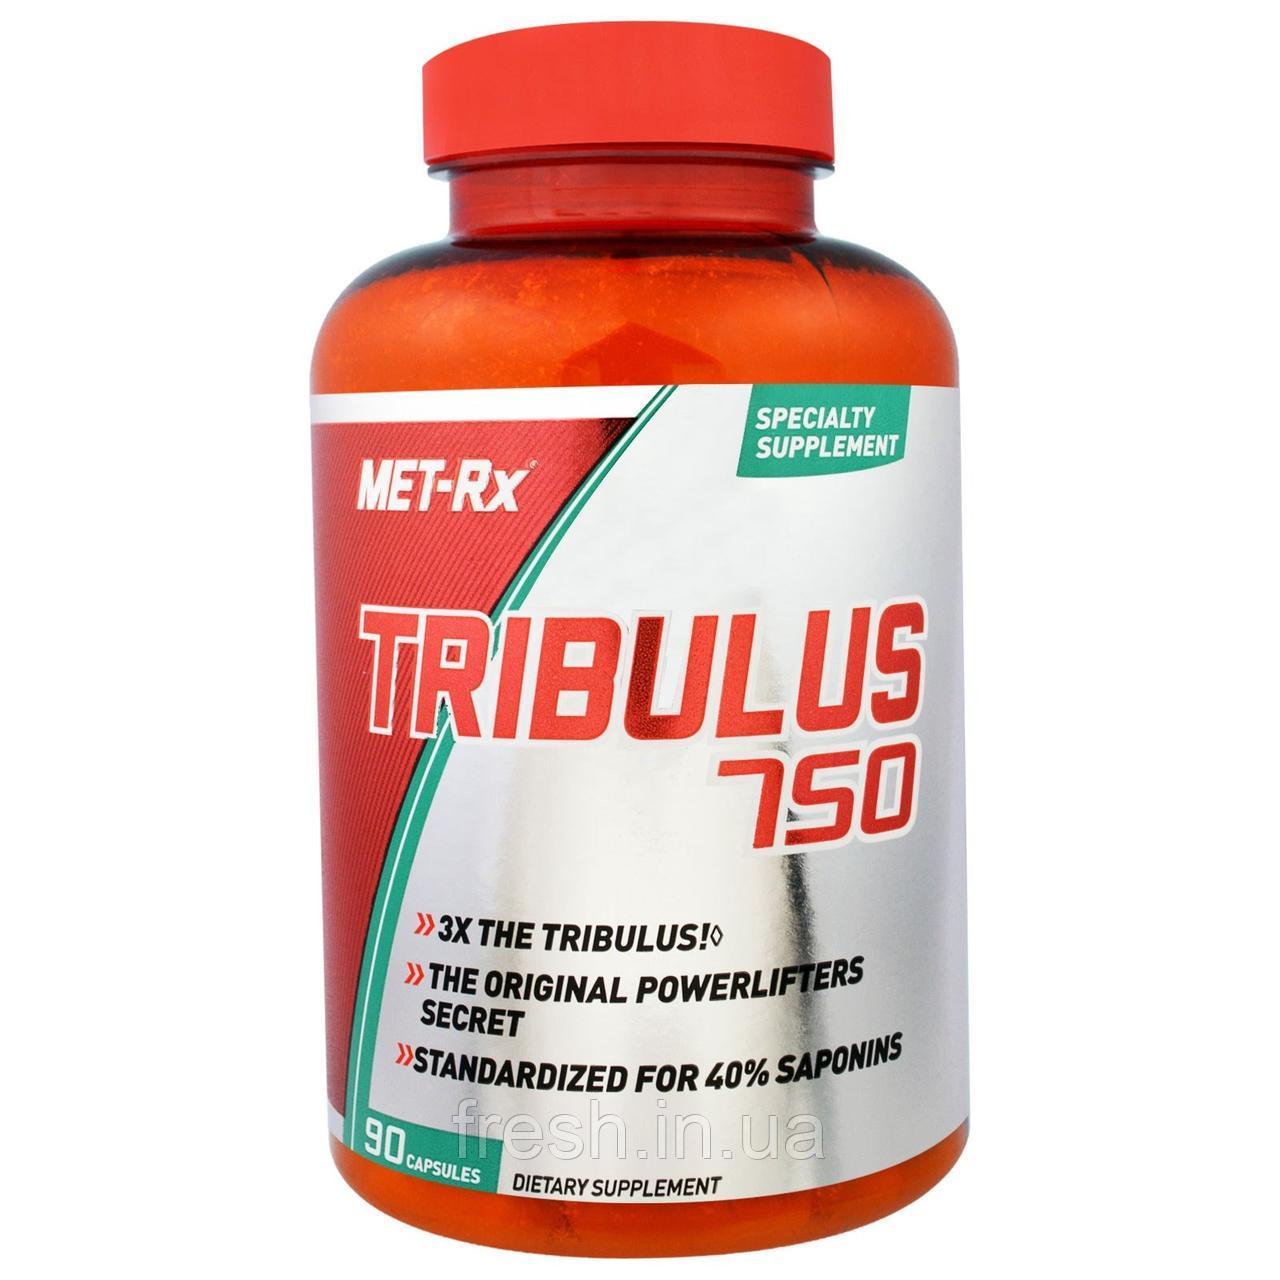 Как принимать трибулус террестрис (tribulus terrestris): сколько, когда, как долго?